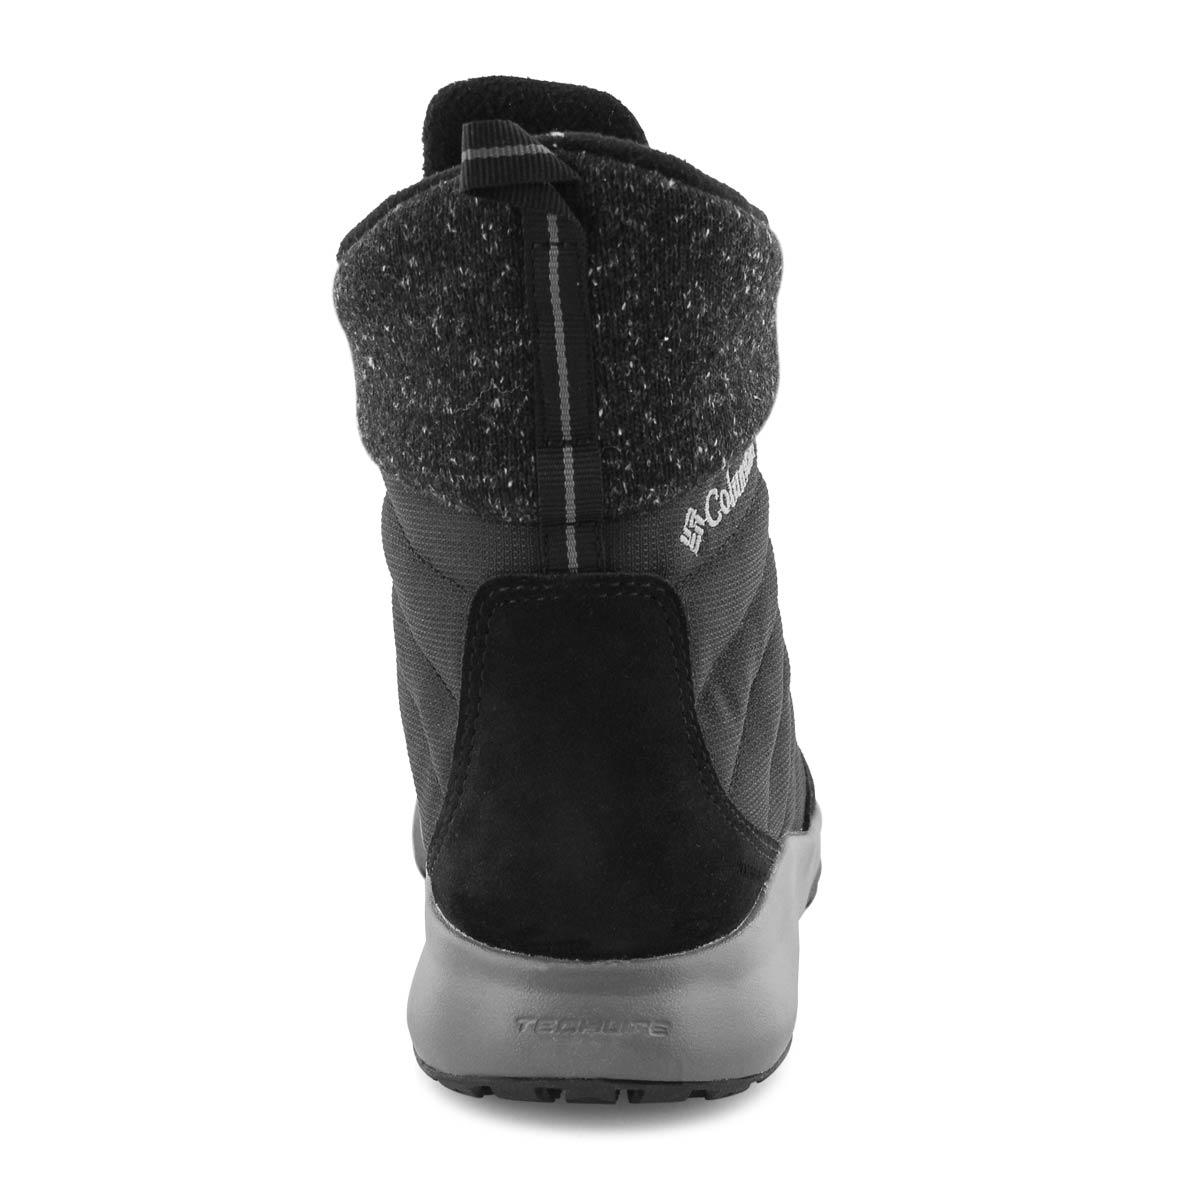 Lds Nikiski black wtpf winter boot